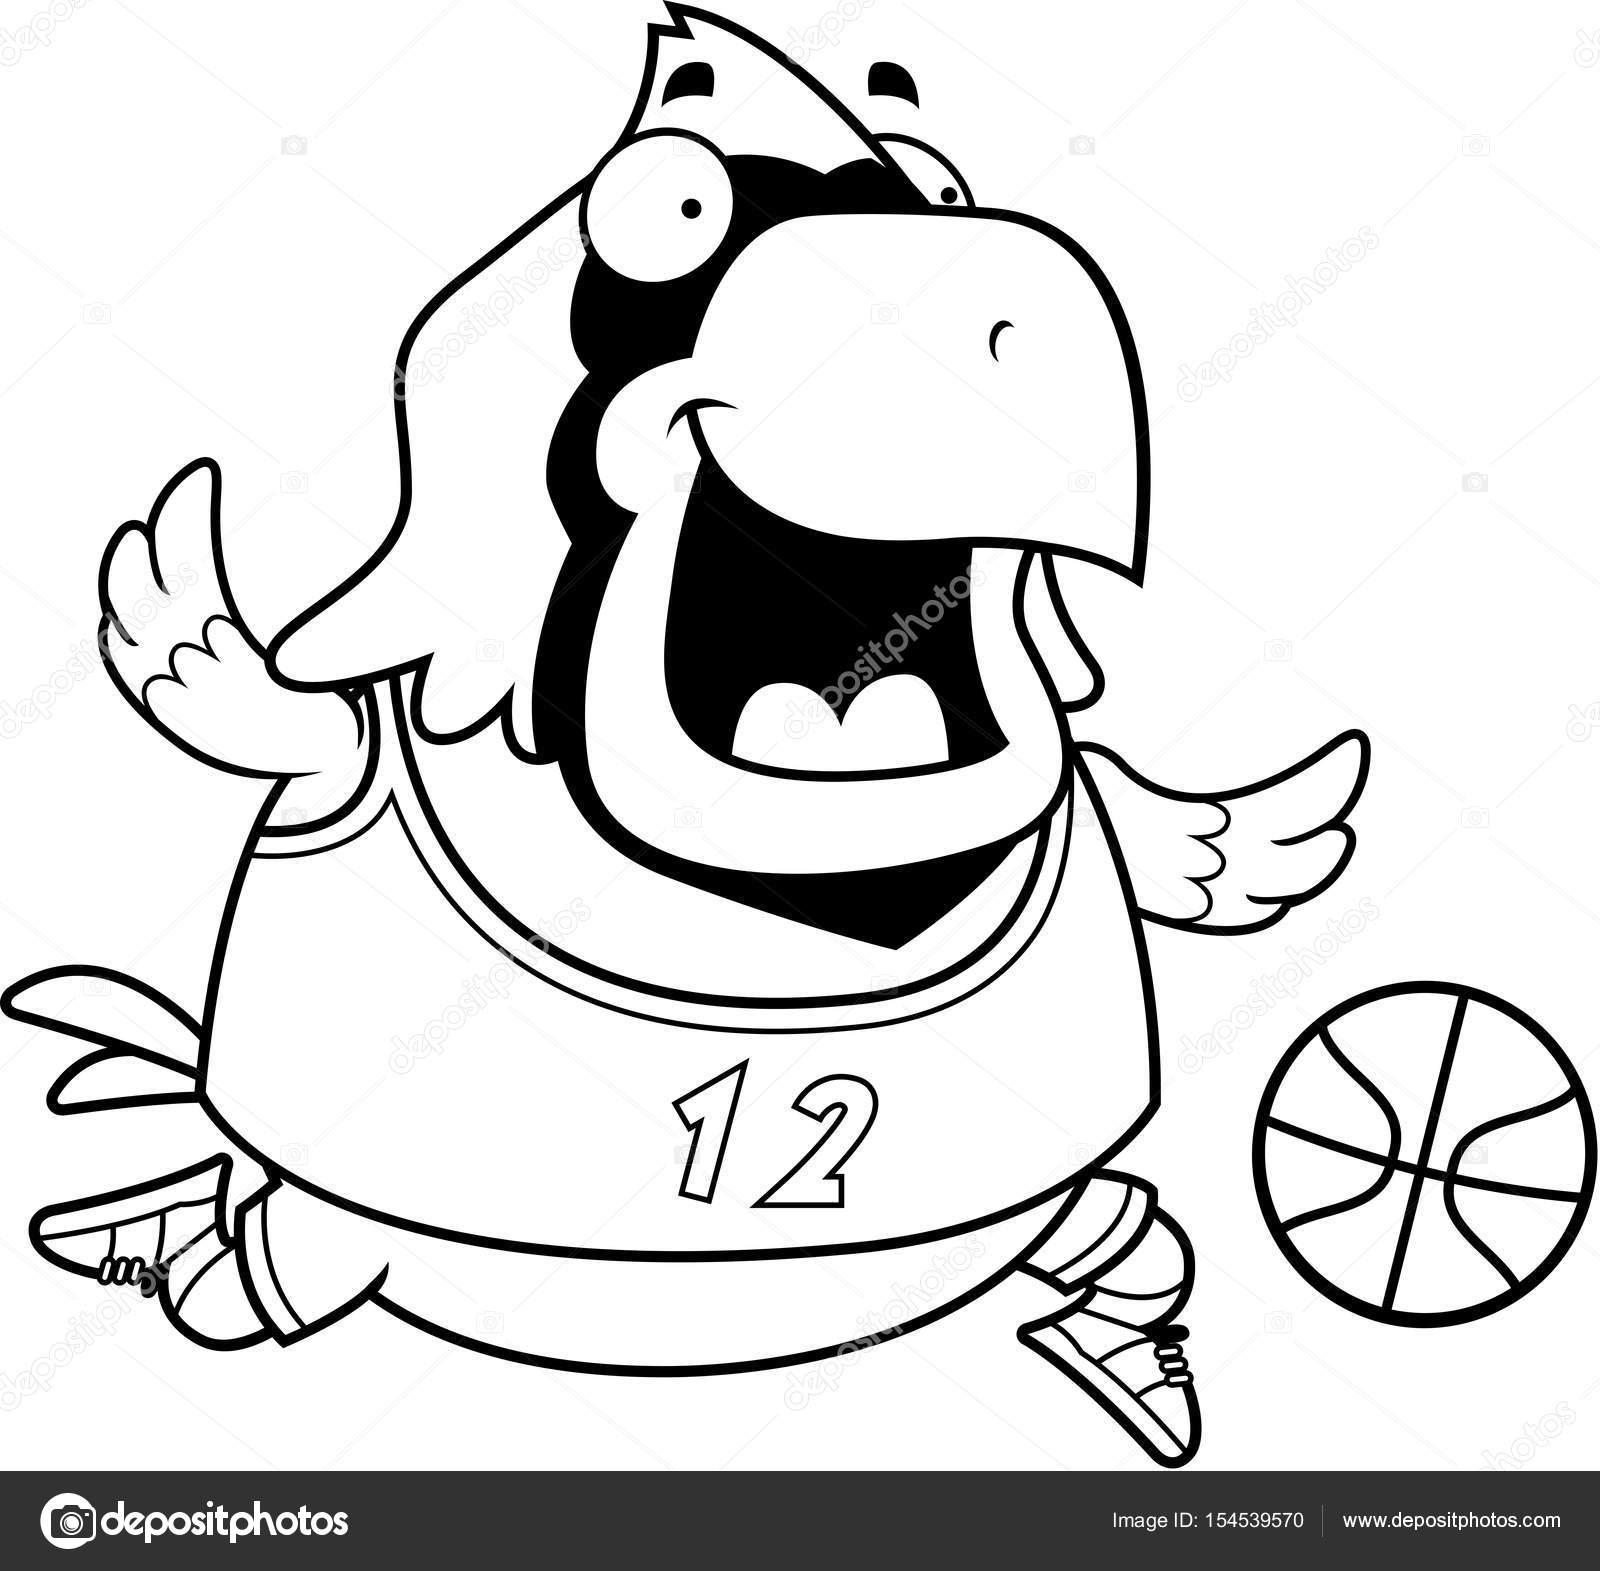 Cardenal de dibujos animados baloncesto — Archivo Imágenes ...